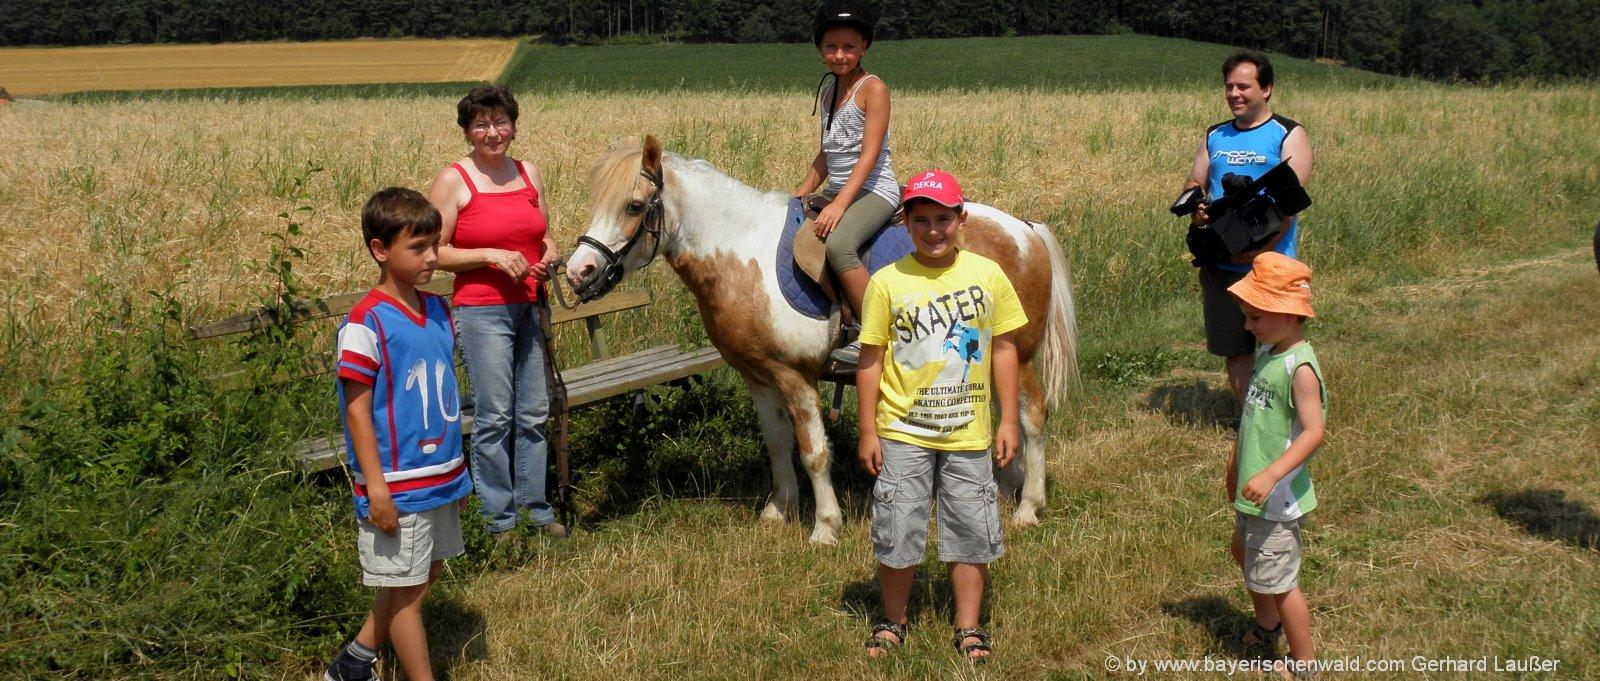 Bayerischer Wald Reiterhotel in Bayern Familienhotel mit Pferden